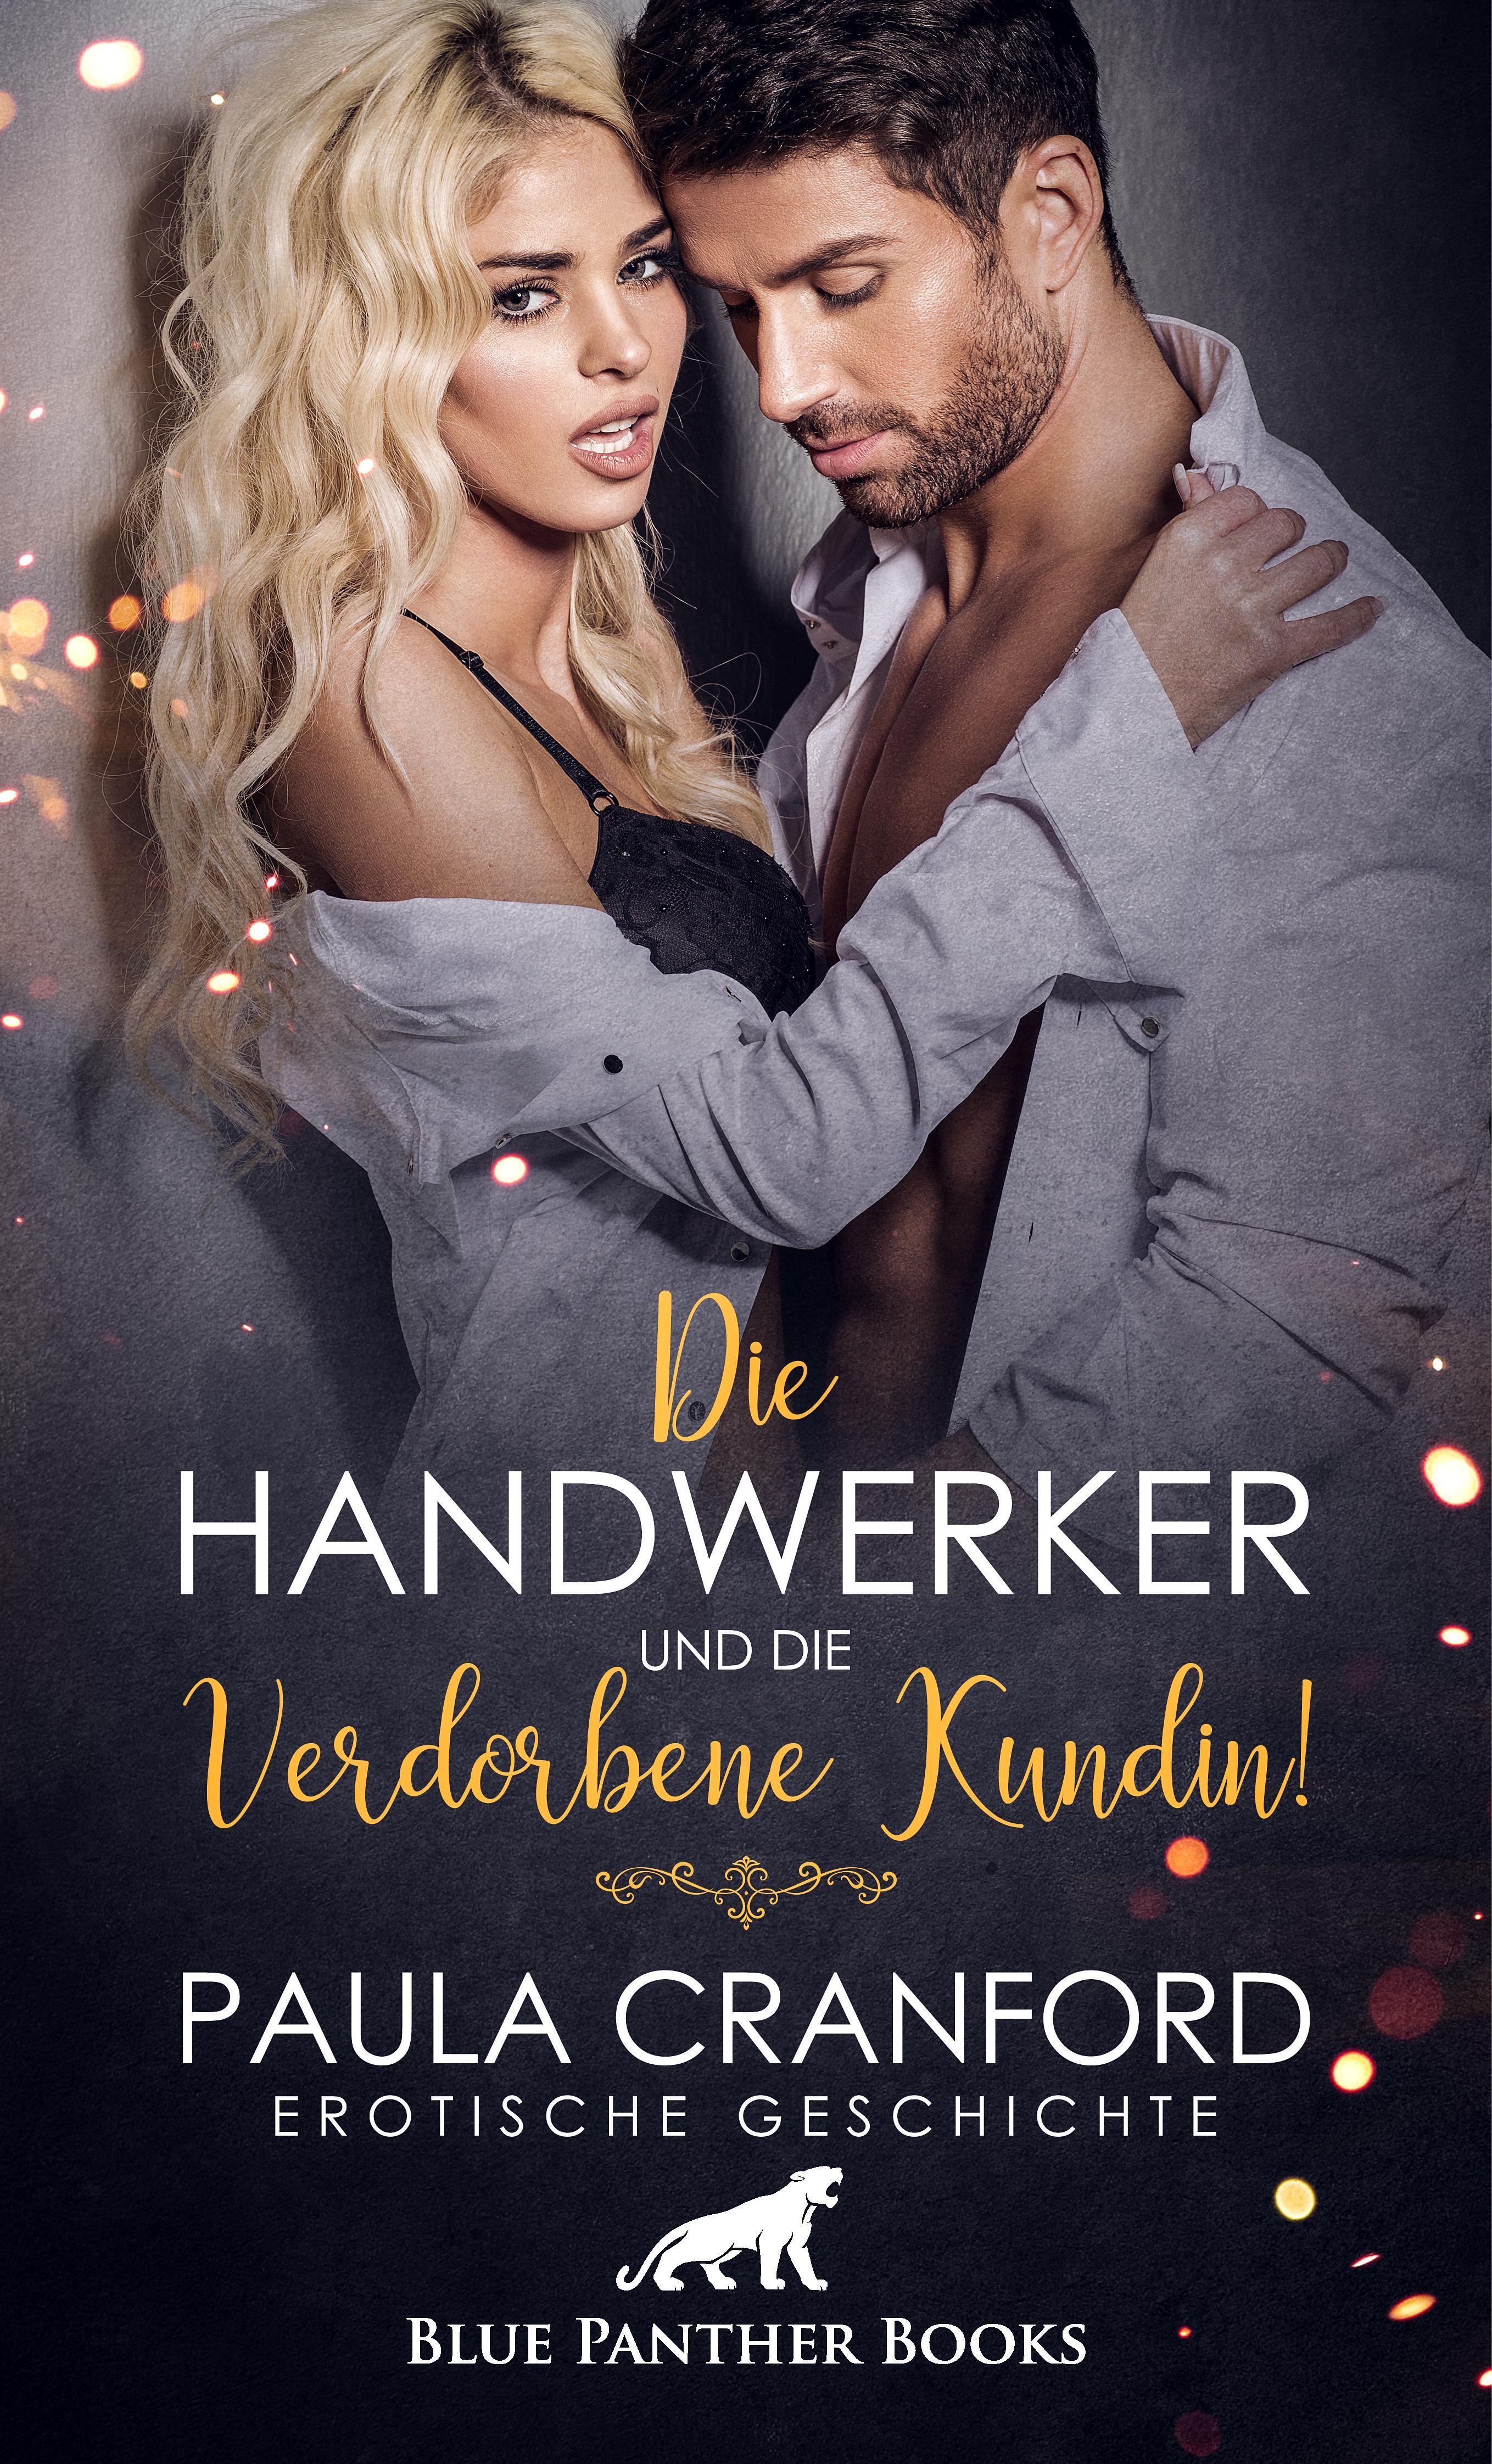 Die Handwerker und die verdorbene Kundin! | Erotische Geschichte фото